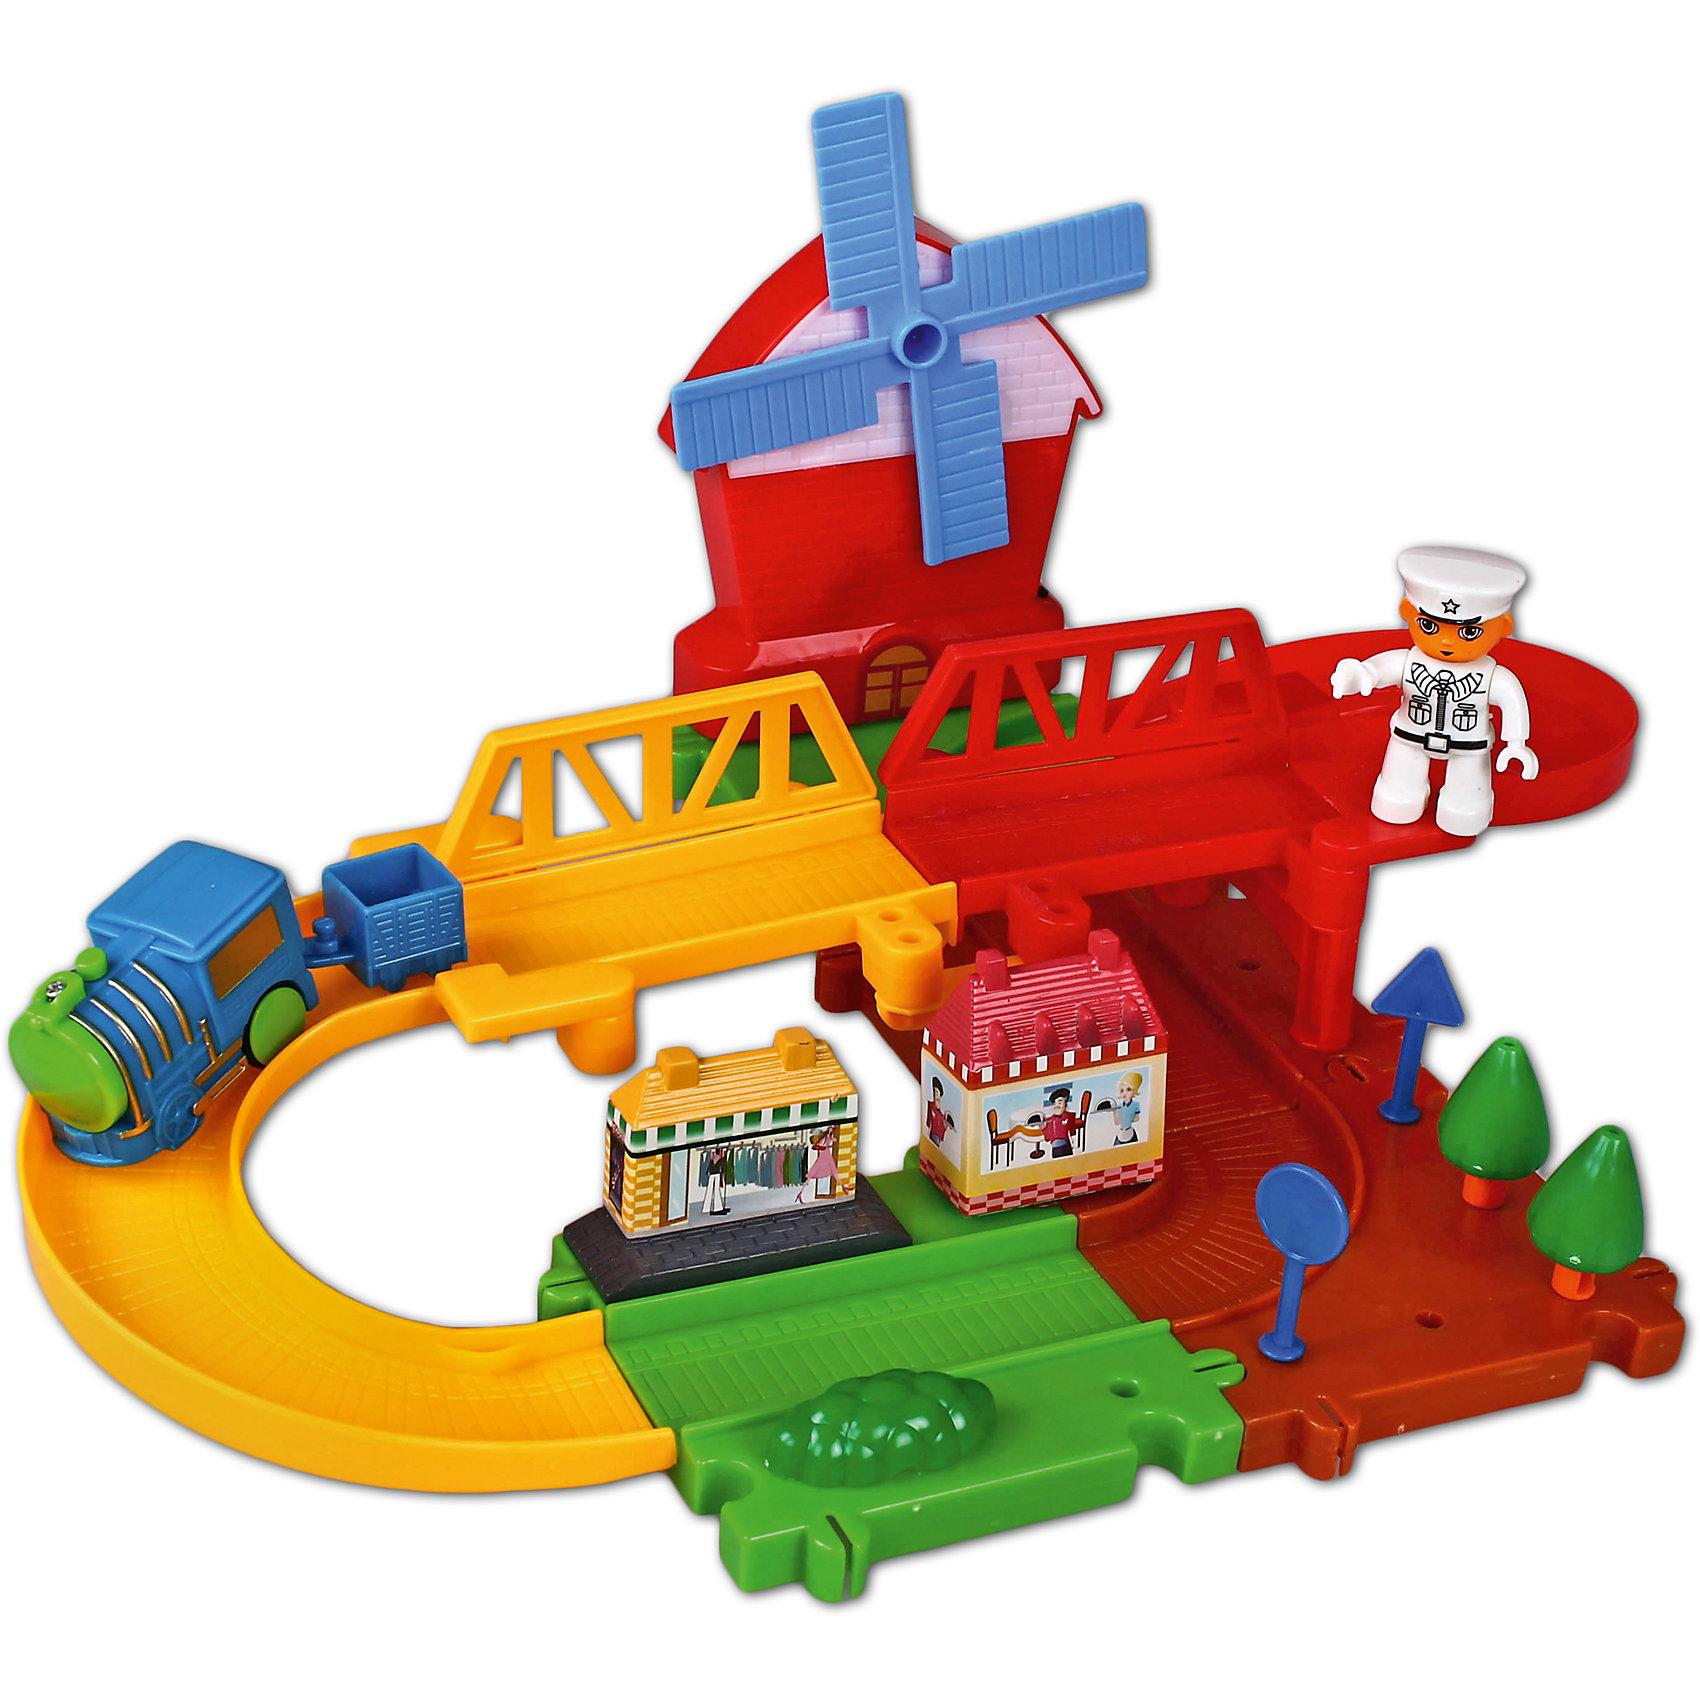 Железная дорога Веселые горки, Голубая стрелаИгрушечная железная дорога<br>Железная дорога Веселые горки, Голубая стрела.<br><br>Характеристики:<br><br>• Комплектация: 6 элементов пути, 7 элементов моста, паровозик, вагонетка, мельница, фигурка регулировщика, 2 железнодорожных знака, 2 строения, 2 дерева, кустарник<br>• Размер паровозика: 5,5х2,5х3,5 см.<br>• Ширина колеи: 7,5 см.<br>• Батарейки: 1 типа ААА 1,5V для поезда, 2 батарейки типа АА 1,5V для мельницы (в комплект не входят)<br>• Материал: пластик<br>• Упаковка: картонная коробка<br>• Размер упаковки: 34х6х25 см.<br><br>Красочная железная дорога «Веселые горки» от производителя Голубая стрела очень понравится малышам! Крупные и яркие элементы пути легко соединяются между собой, как пазл. Ребенок без труда соберет 2-х уровневую дорогу, рядом с которой разместятся мельница, станционные домики, железнодорожные знаки, деревья, кустарник и регулировщик. <br><br>Переведите переключатель на паровозике в нужное положение. Паровозик и вагонетка весело побегут по рельсам, гудя и издавая задорное «чух-чух». Движение игрушки сопровождается не только звуковыми, но и световыми эффектами. Играя с железной дорогой, ребенок разовьет логическое мышление, мелкую моторику рук и воображение.<br><br>Железную дорогу Веселые горки, Голубая стрела можно купить в нашем интернет-магазине.<br><br>Ширина мм: 340<br>Глубина мм: 250<br>Высота мм: 56<br>Вес г: 597<br>Возраст от месяцев: 36<br>Возраст до месяцев: 2147483647<br>Пол: Мужской<br>Возраст: Детский<br>SKU: 5400243